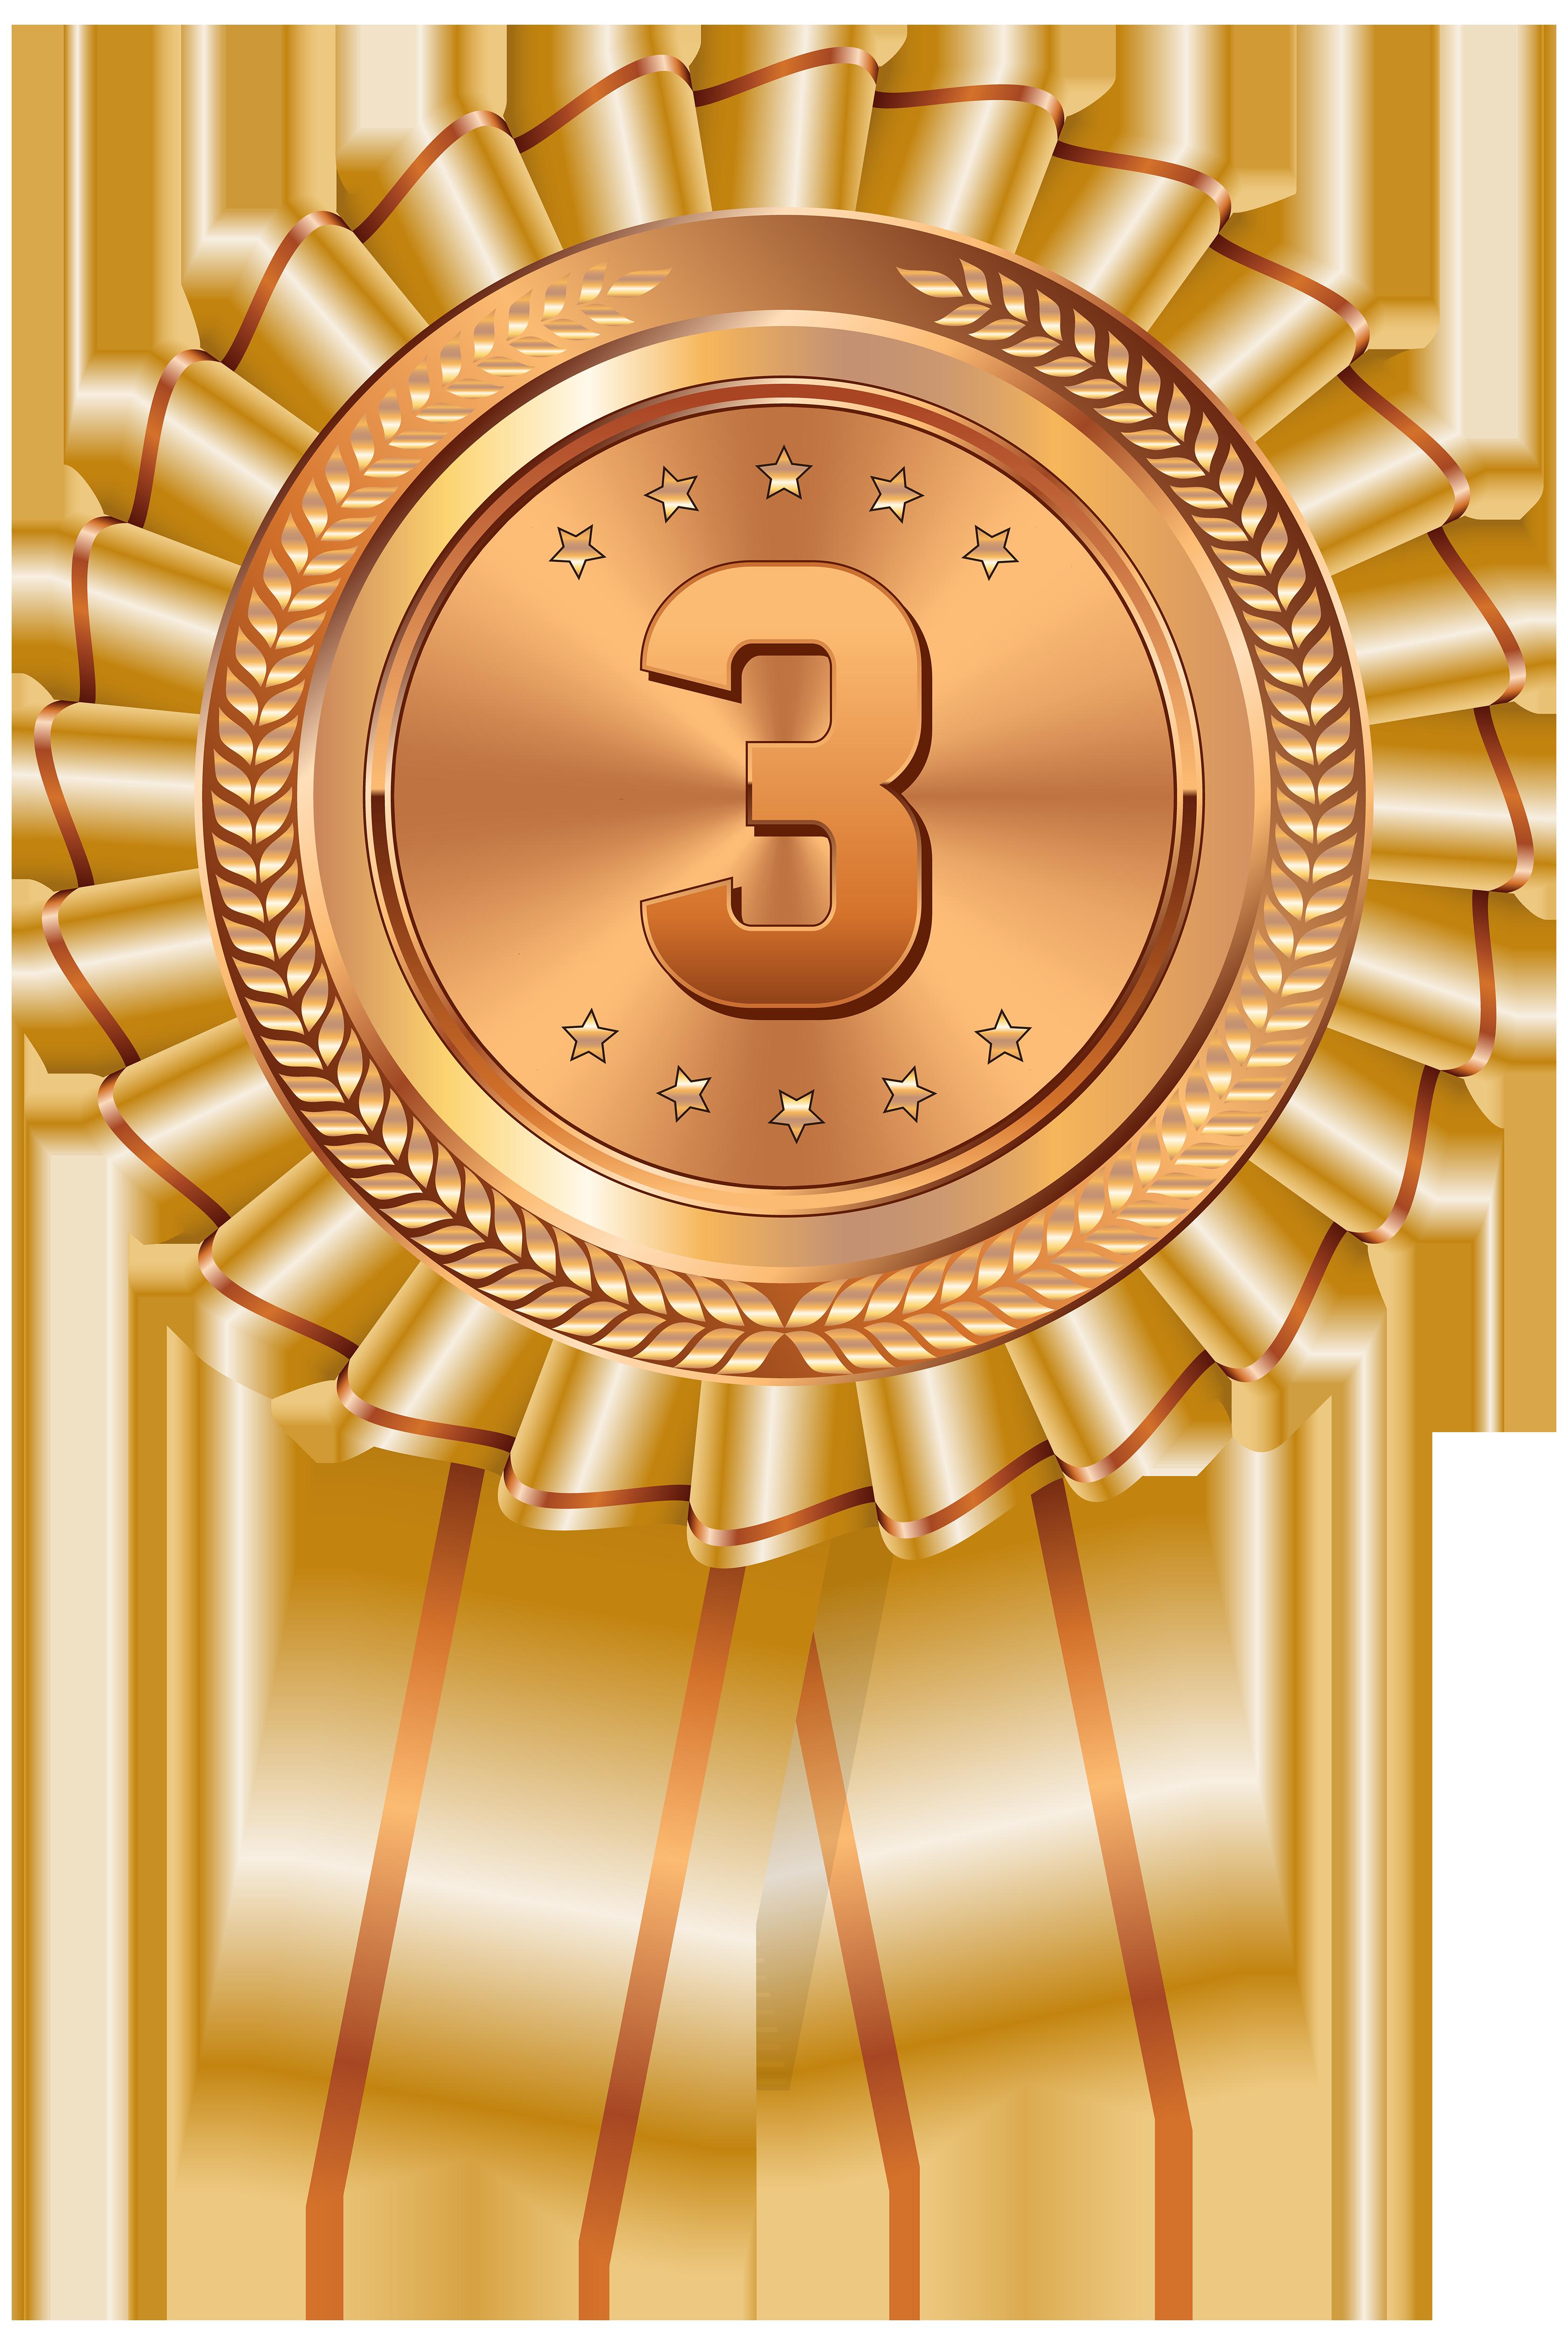 Transparent png clip art. Medal clipart bronze